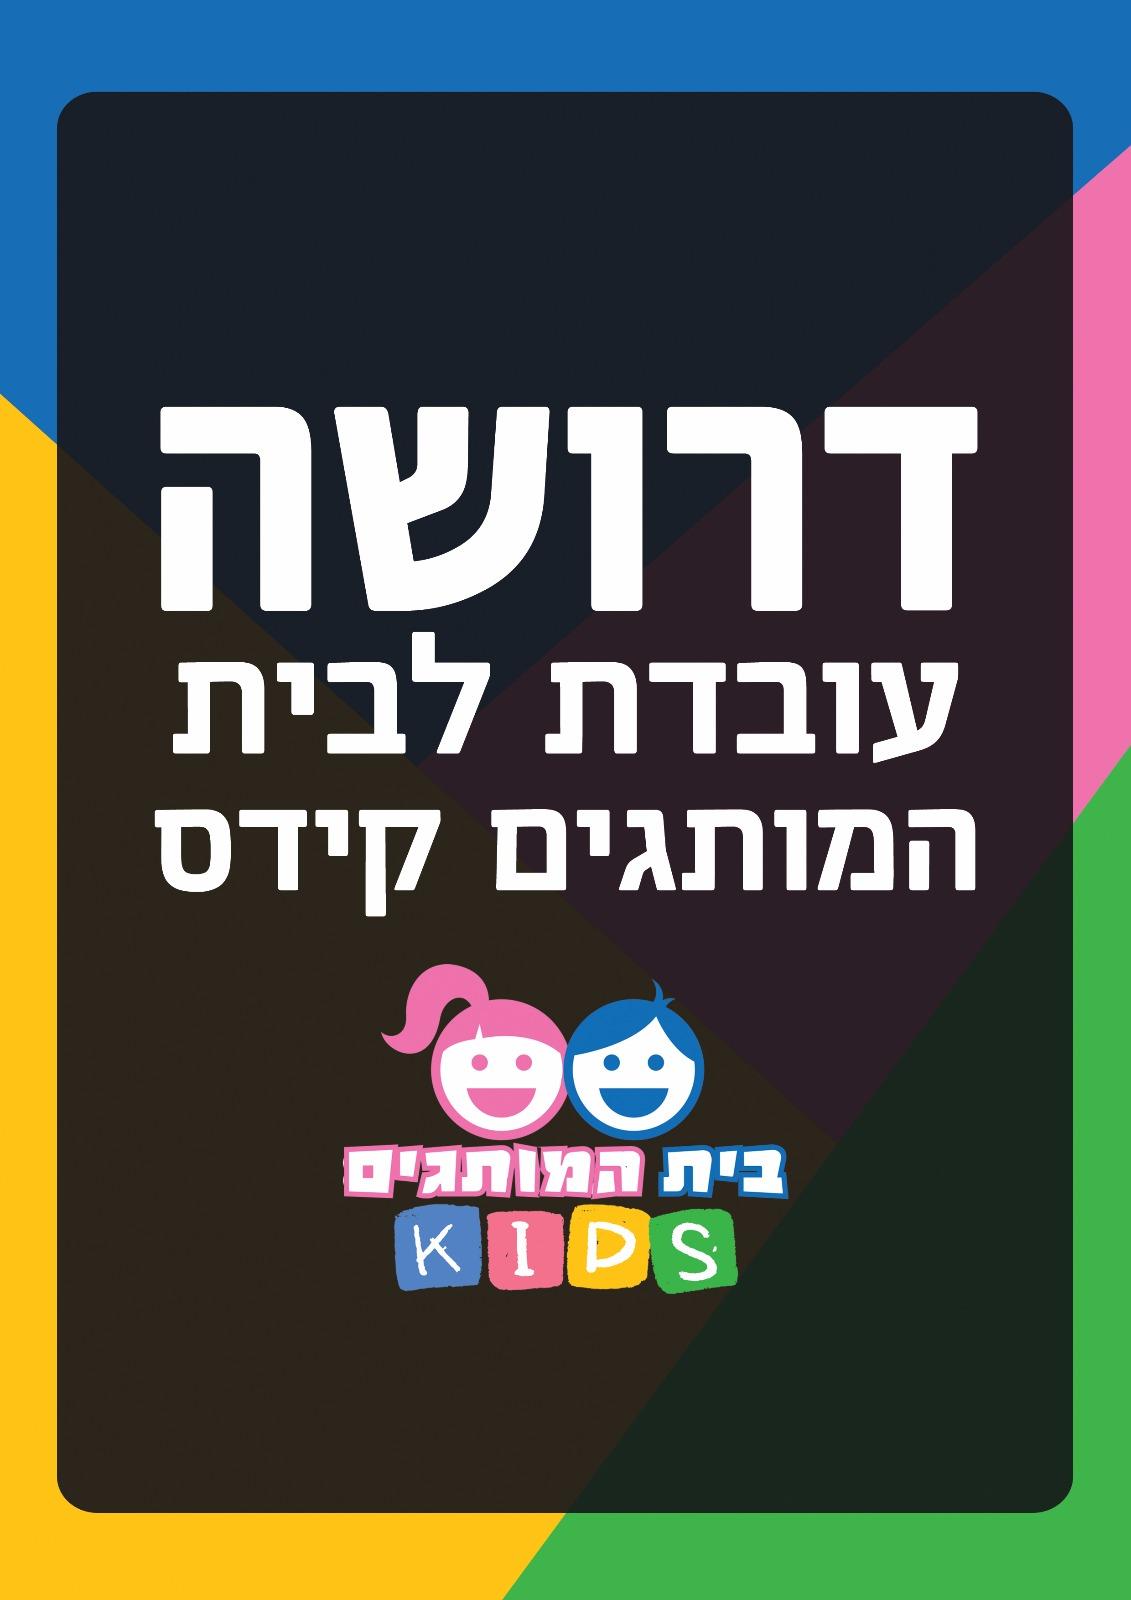 مطلوب عاملة مبيعات لبوتيك بيت هموتجيم kids بيافا